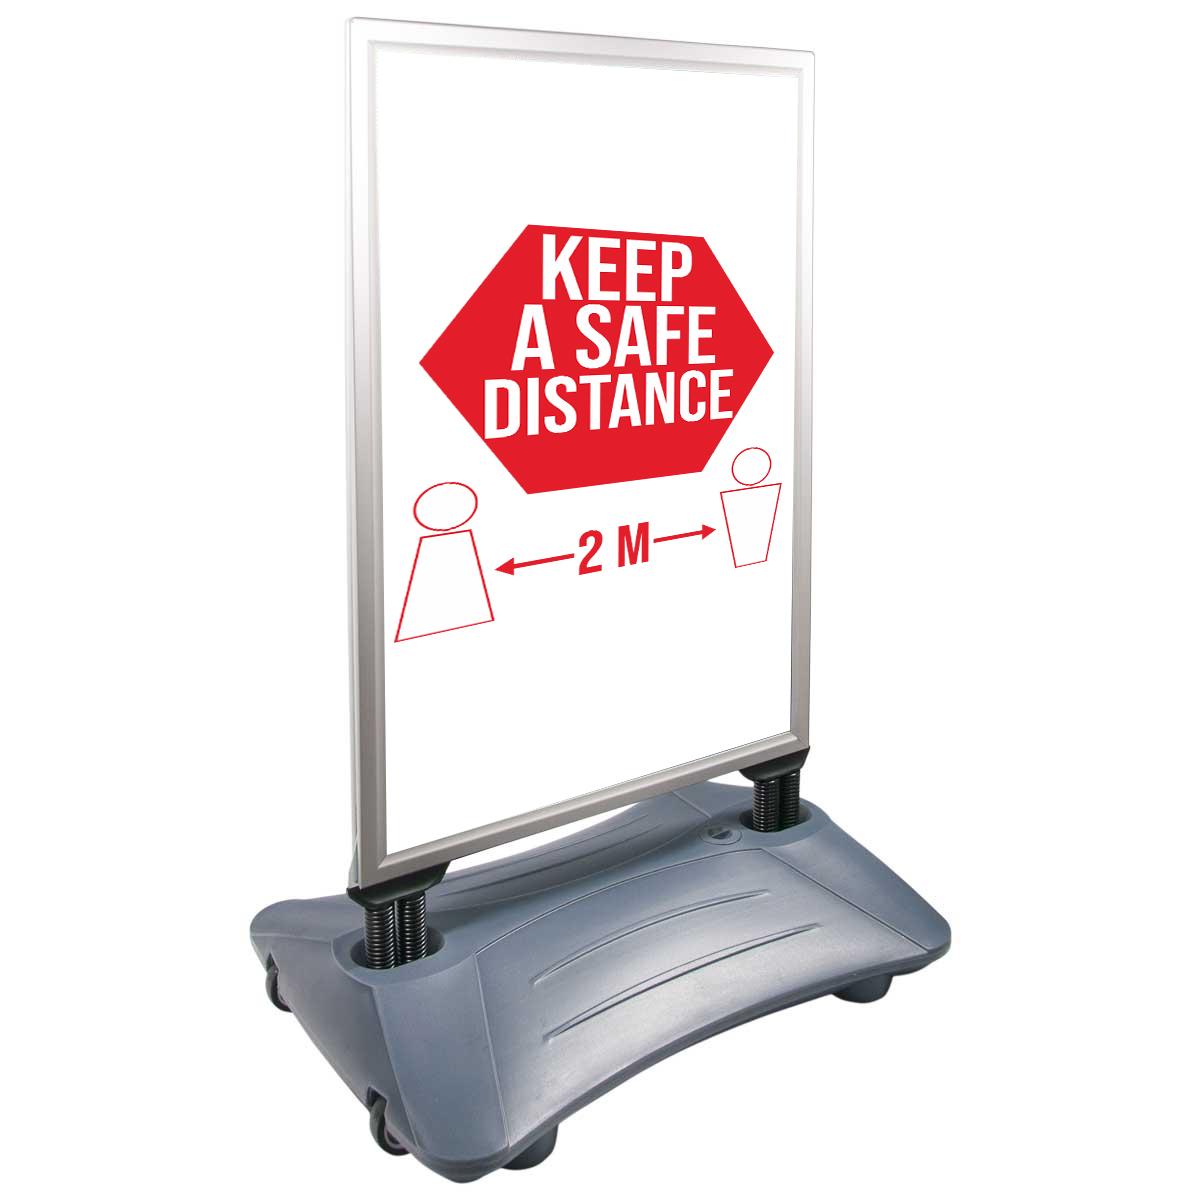 People Stopper Wind-On PREMIUM, panou mobil rezistent la vânt cu rezervor pentru apă sau nisip A1, JJ DISPLAYS, 594 x 841 mm